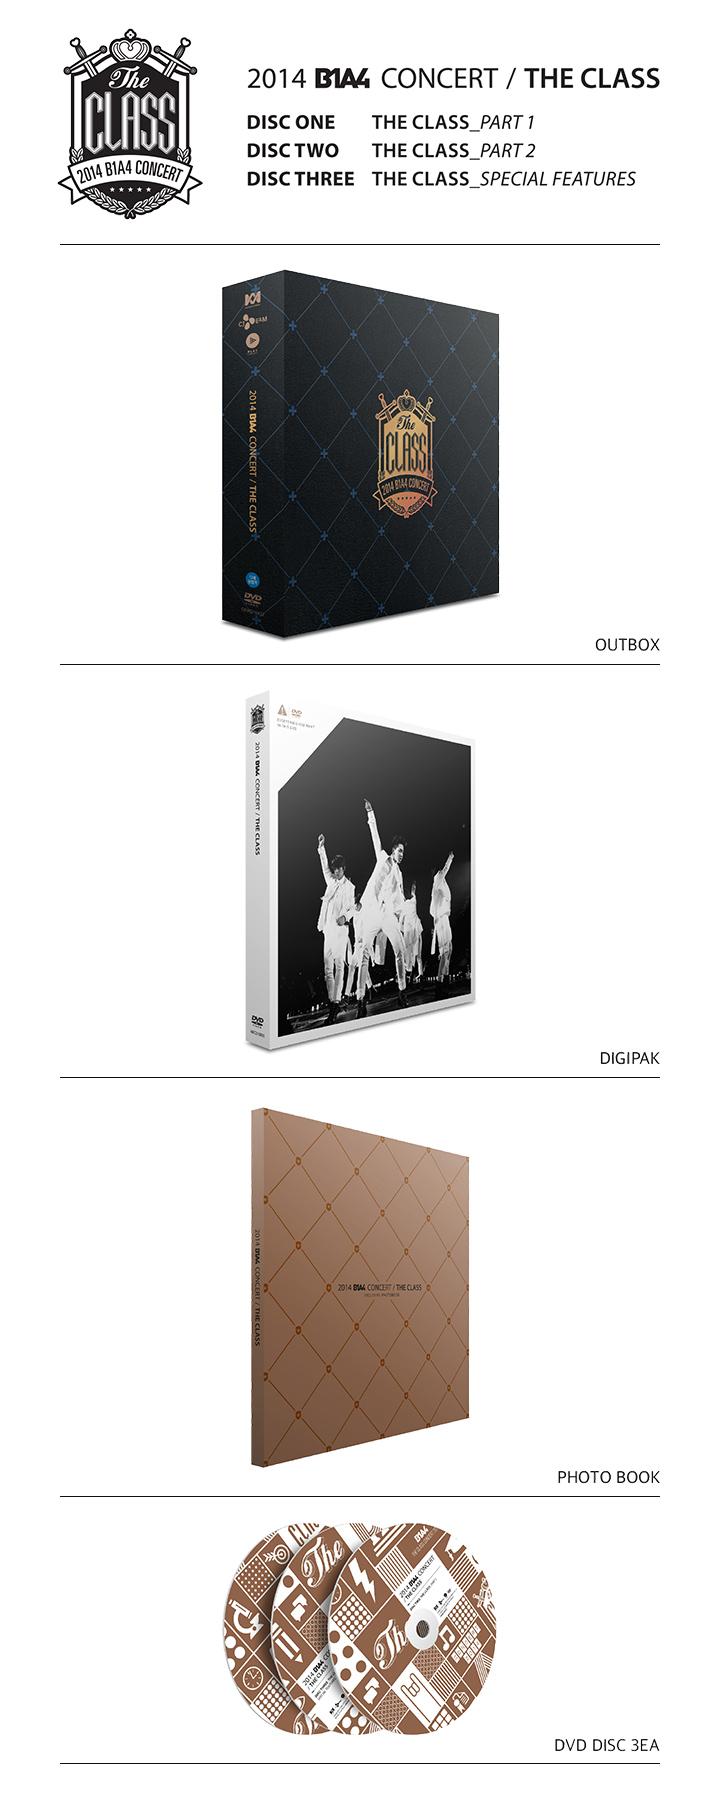 [B1A4] Live DVD (The Class Concert)